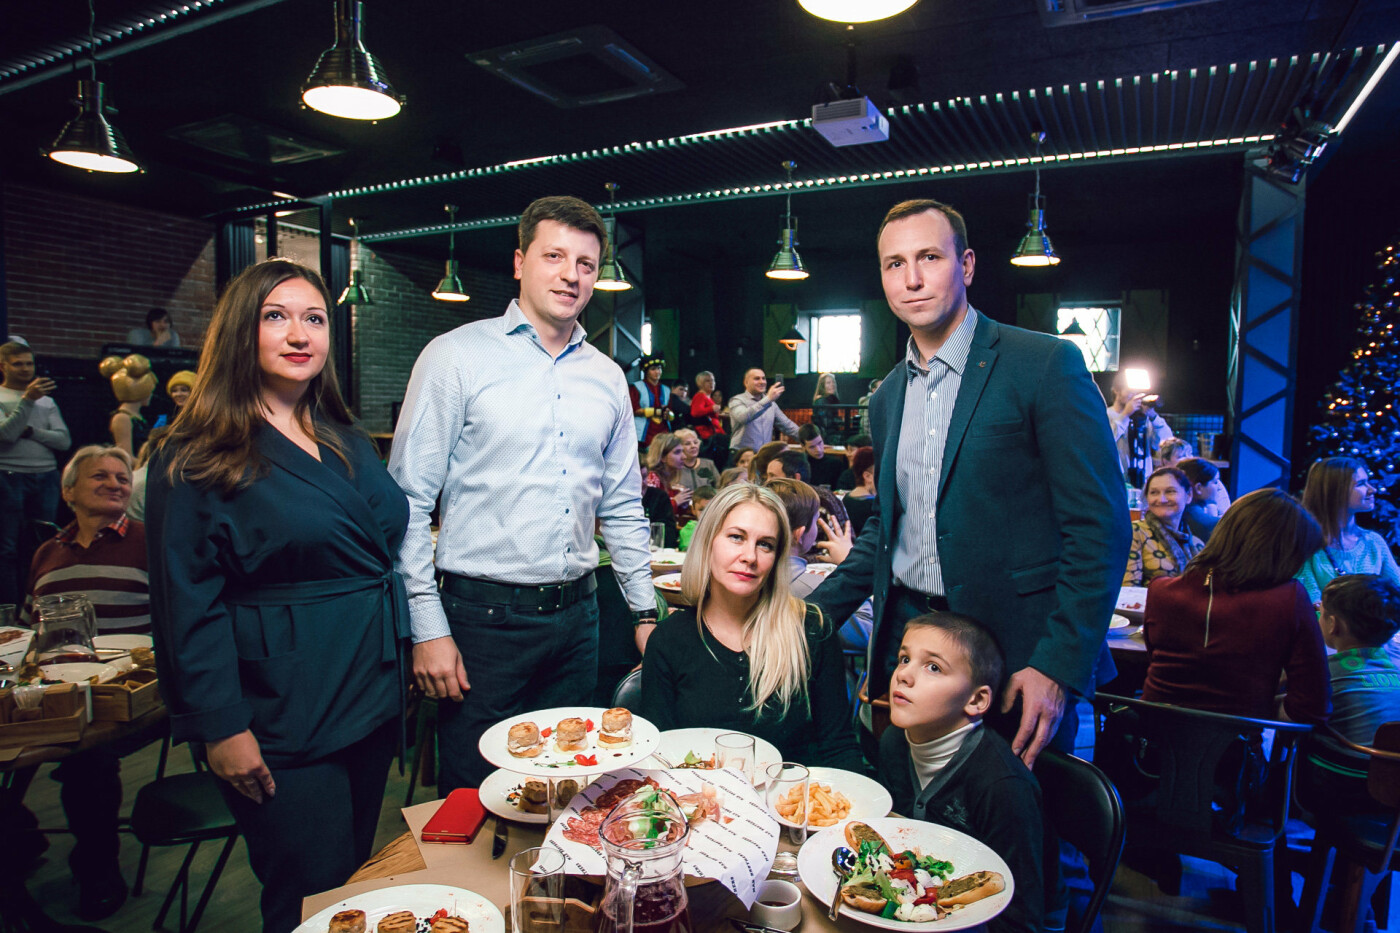 В Кривом Роге организовали особенный праздник для особенных детей, фото-6